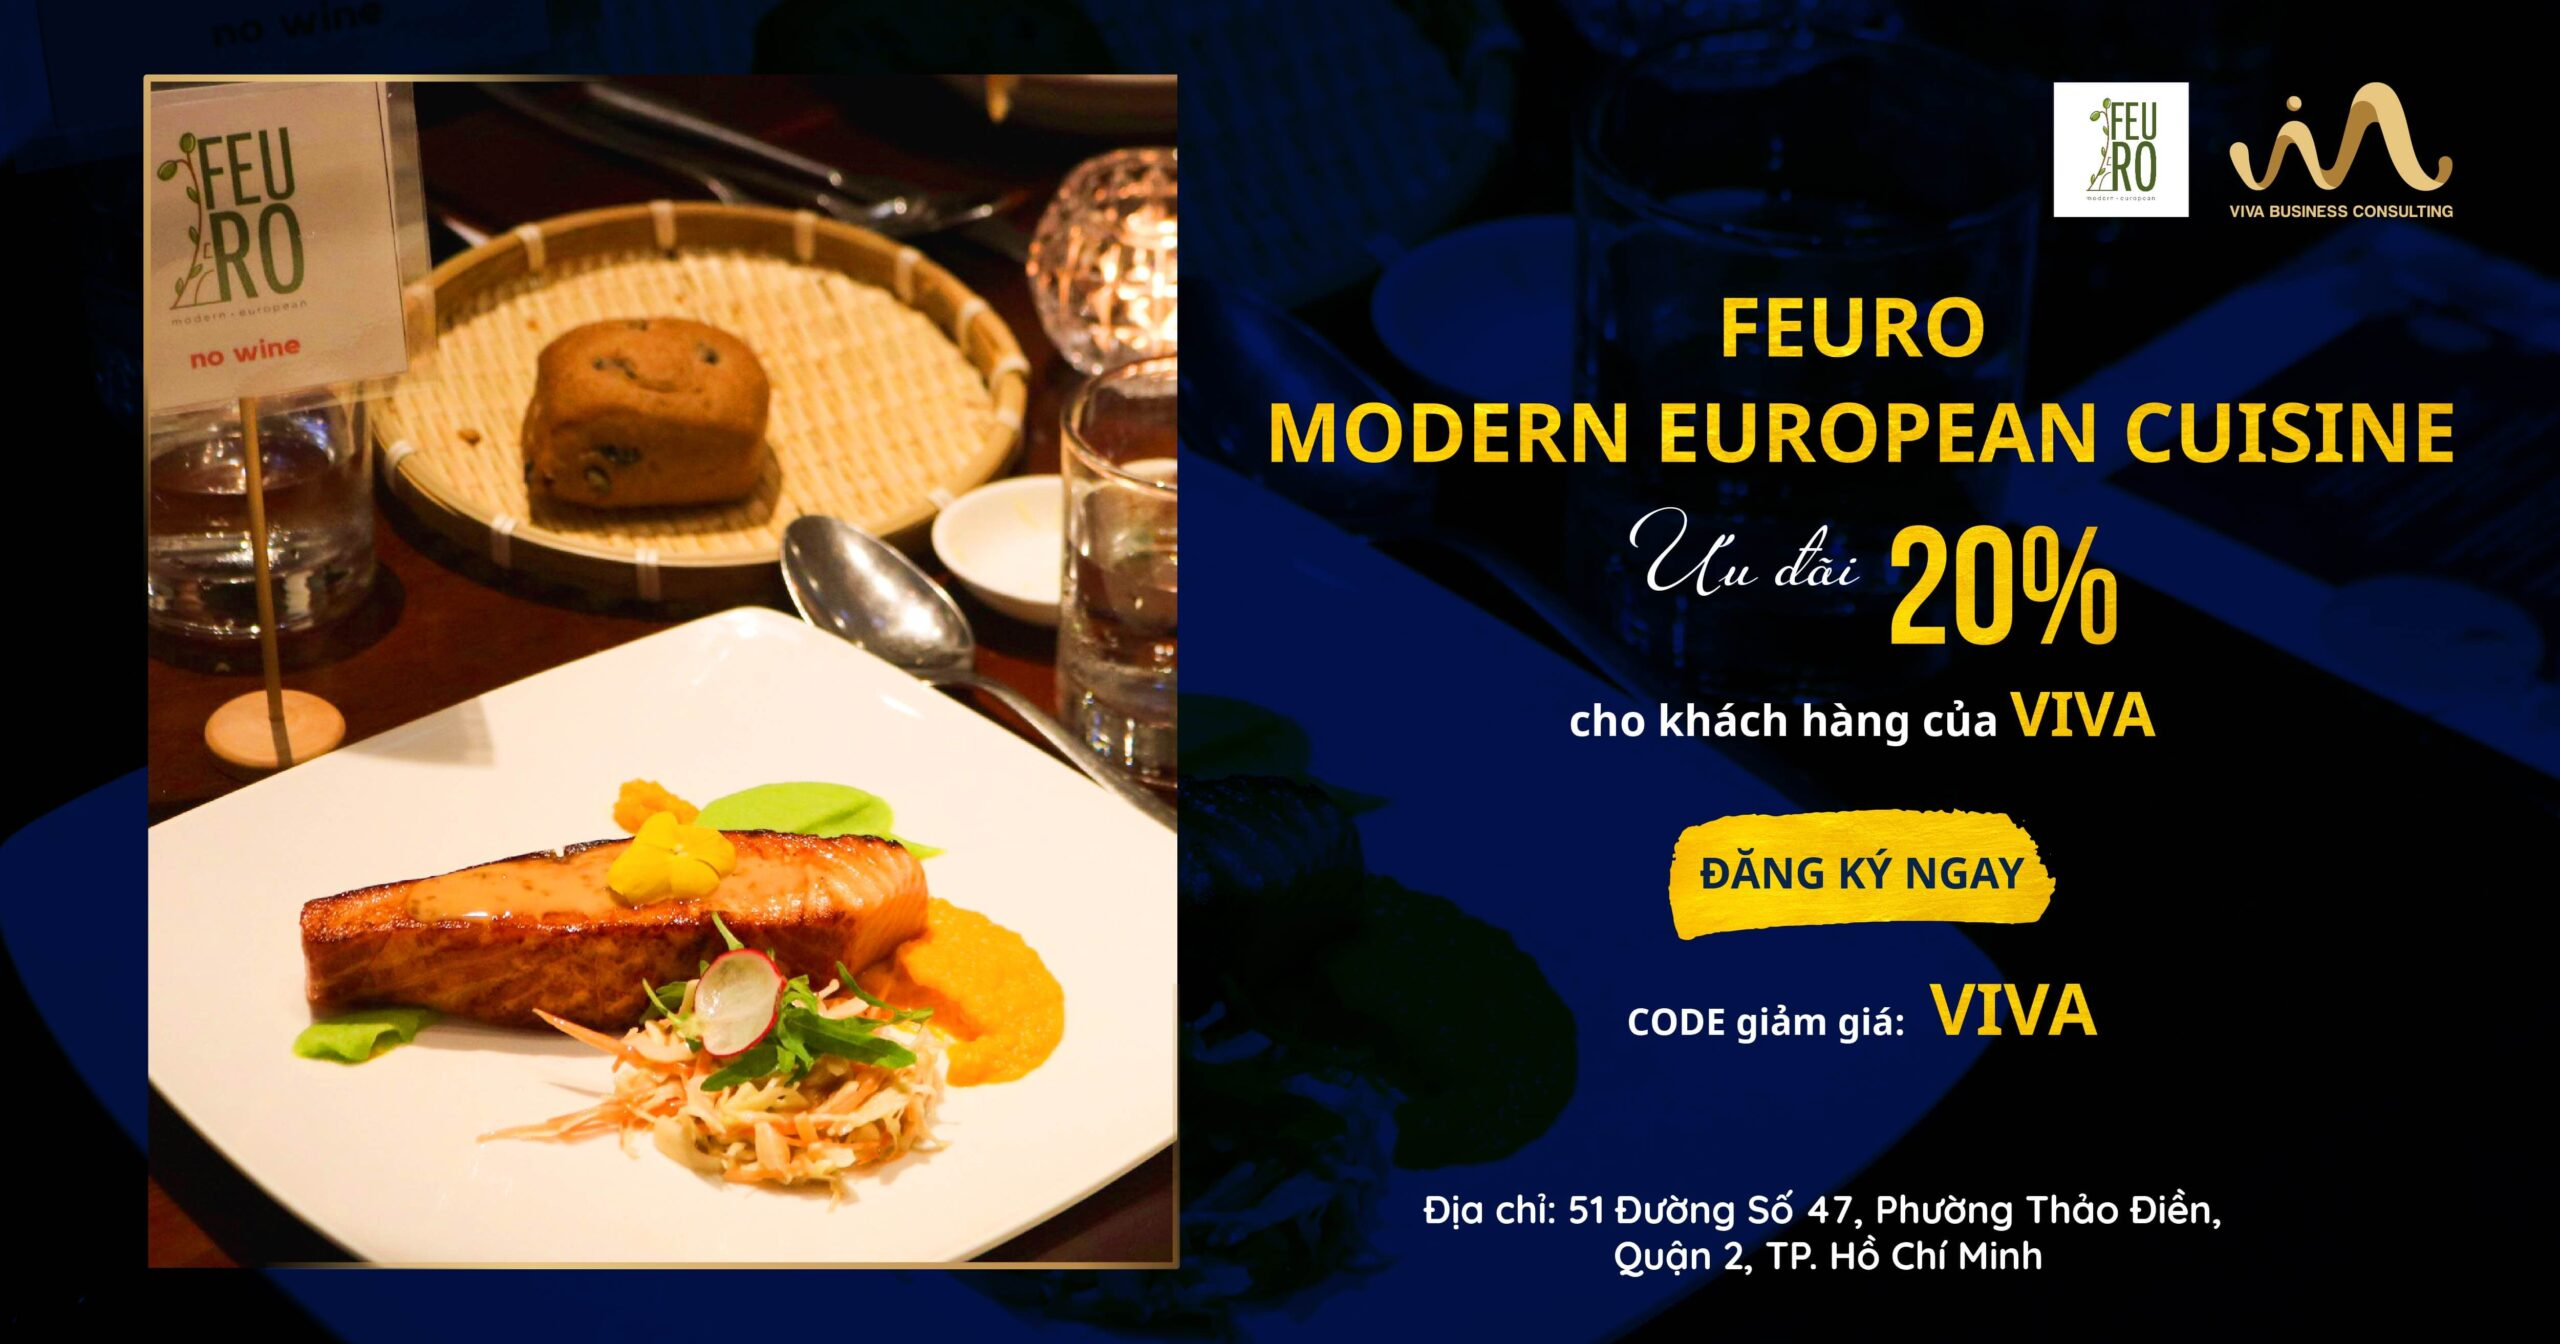 Ưu đãi từ nhà hàng FEURO Saigon dành riêng cho khách hàng của VIVA